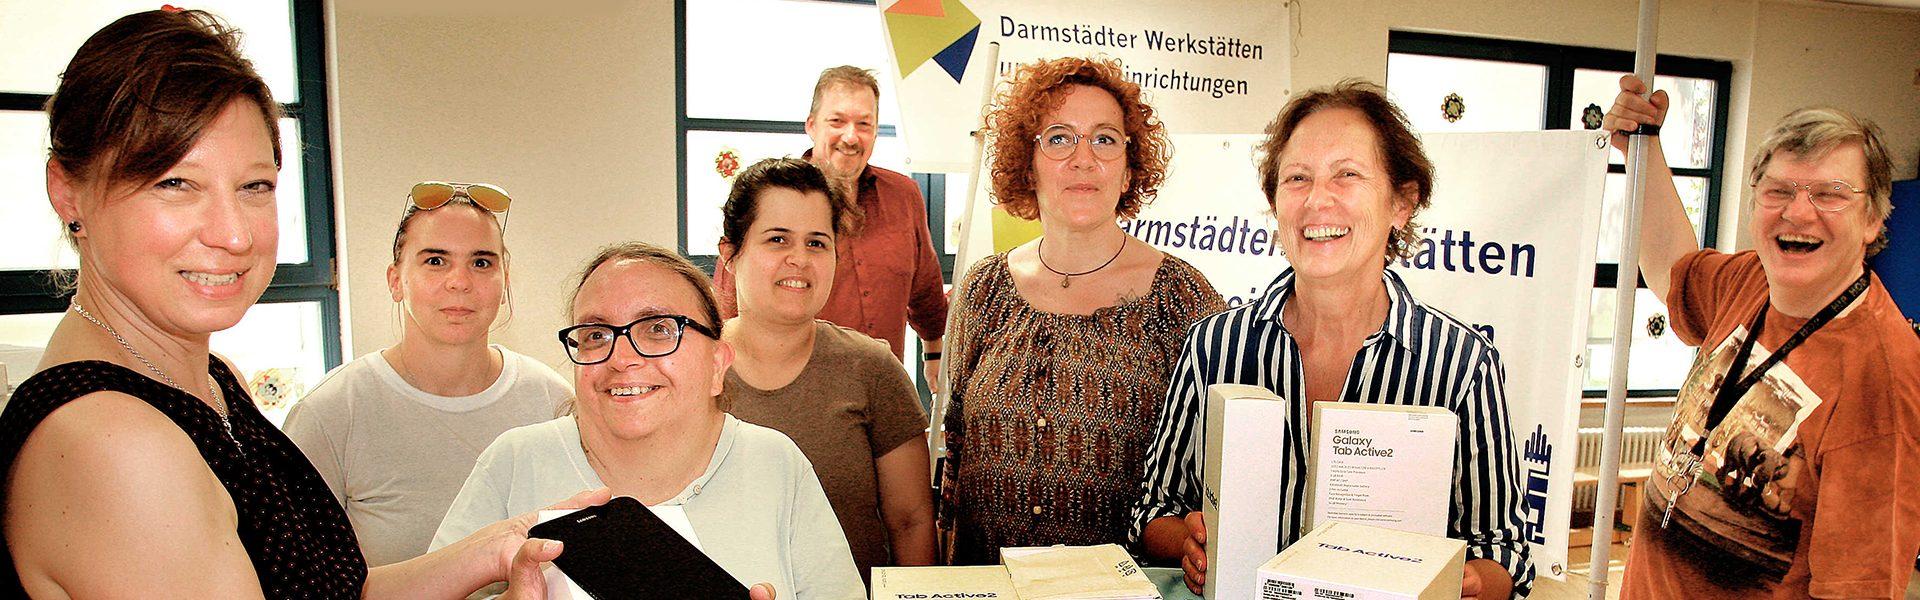 Header Bild Digitalstadt Darmstadt rüstet Darmstädter Werkstätten & Wohneinrichtungen mit Tablets aus